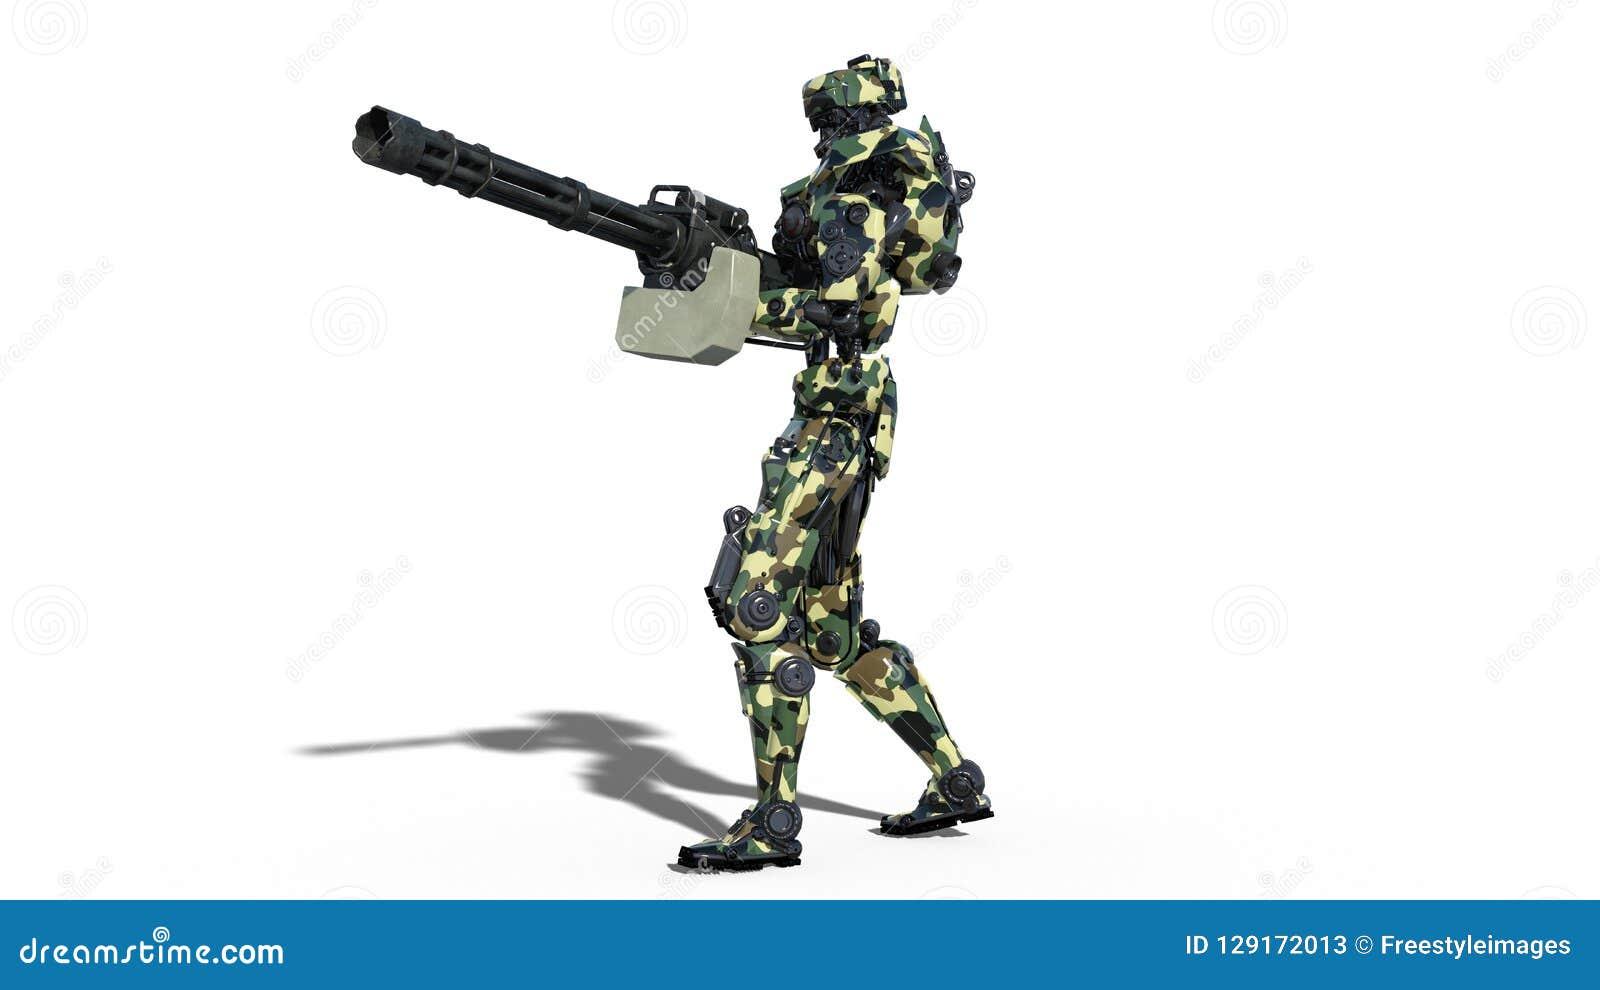 Armeeroboter, Cyborg der bewaffneten Kräfte, das militärische androide Soldatschießenmaschinengewehr, das auf weißem Hintergrund